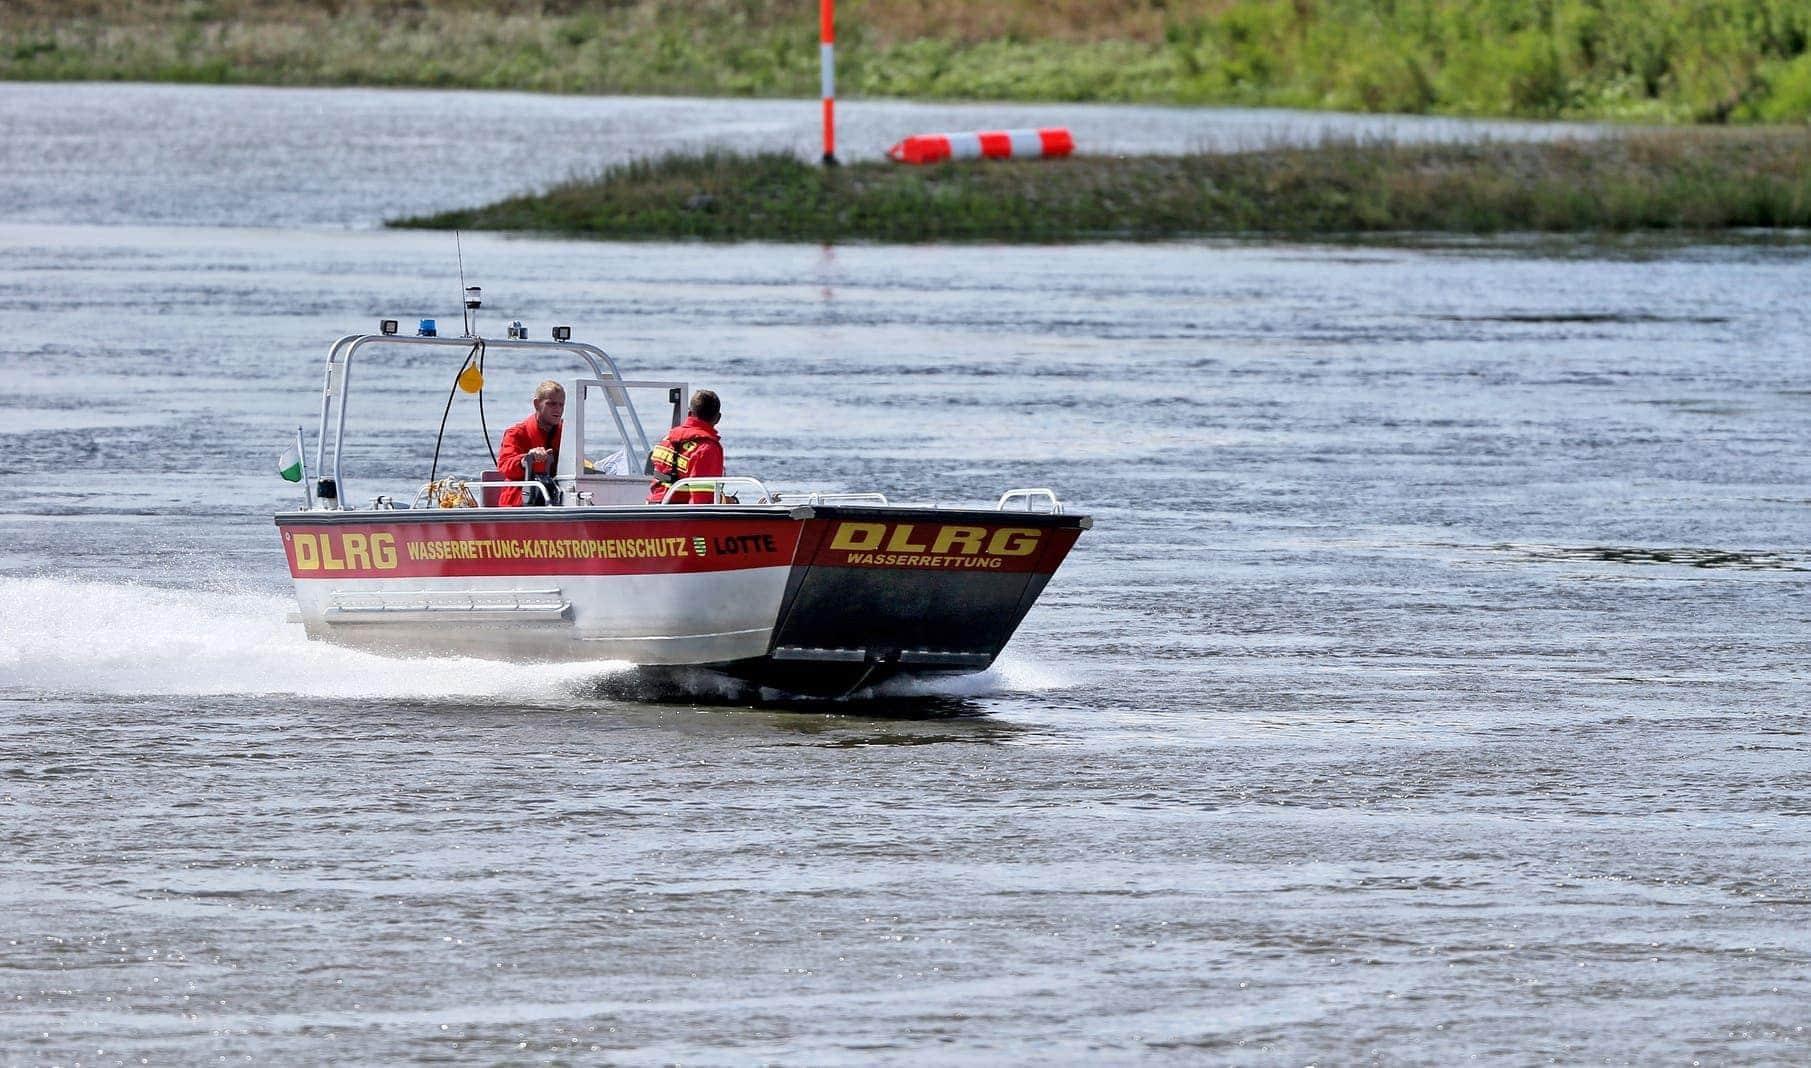 Wasserrettung DLRG Katastrophenschutz Rettungsboot